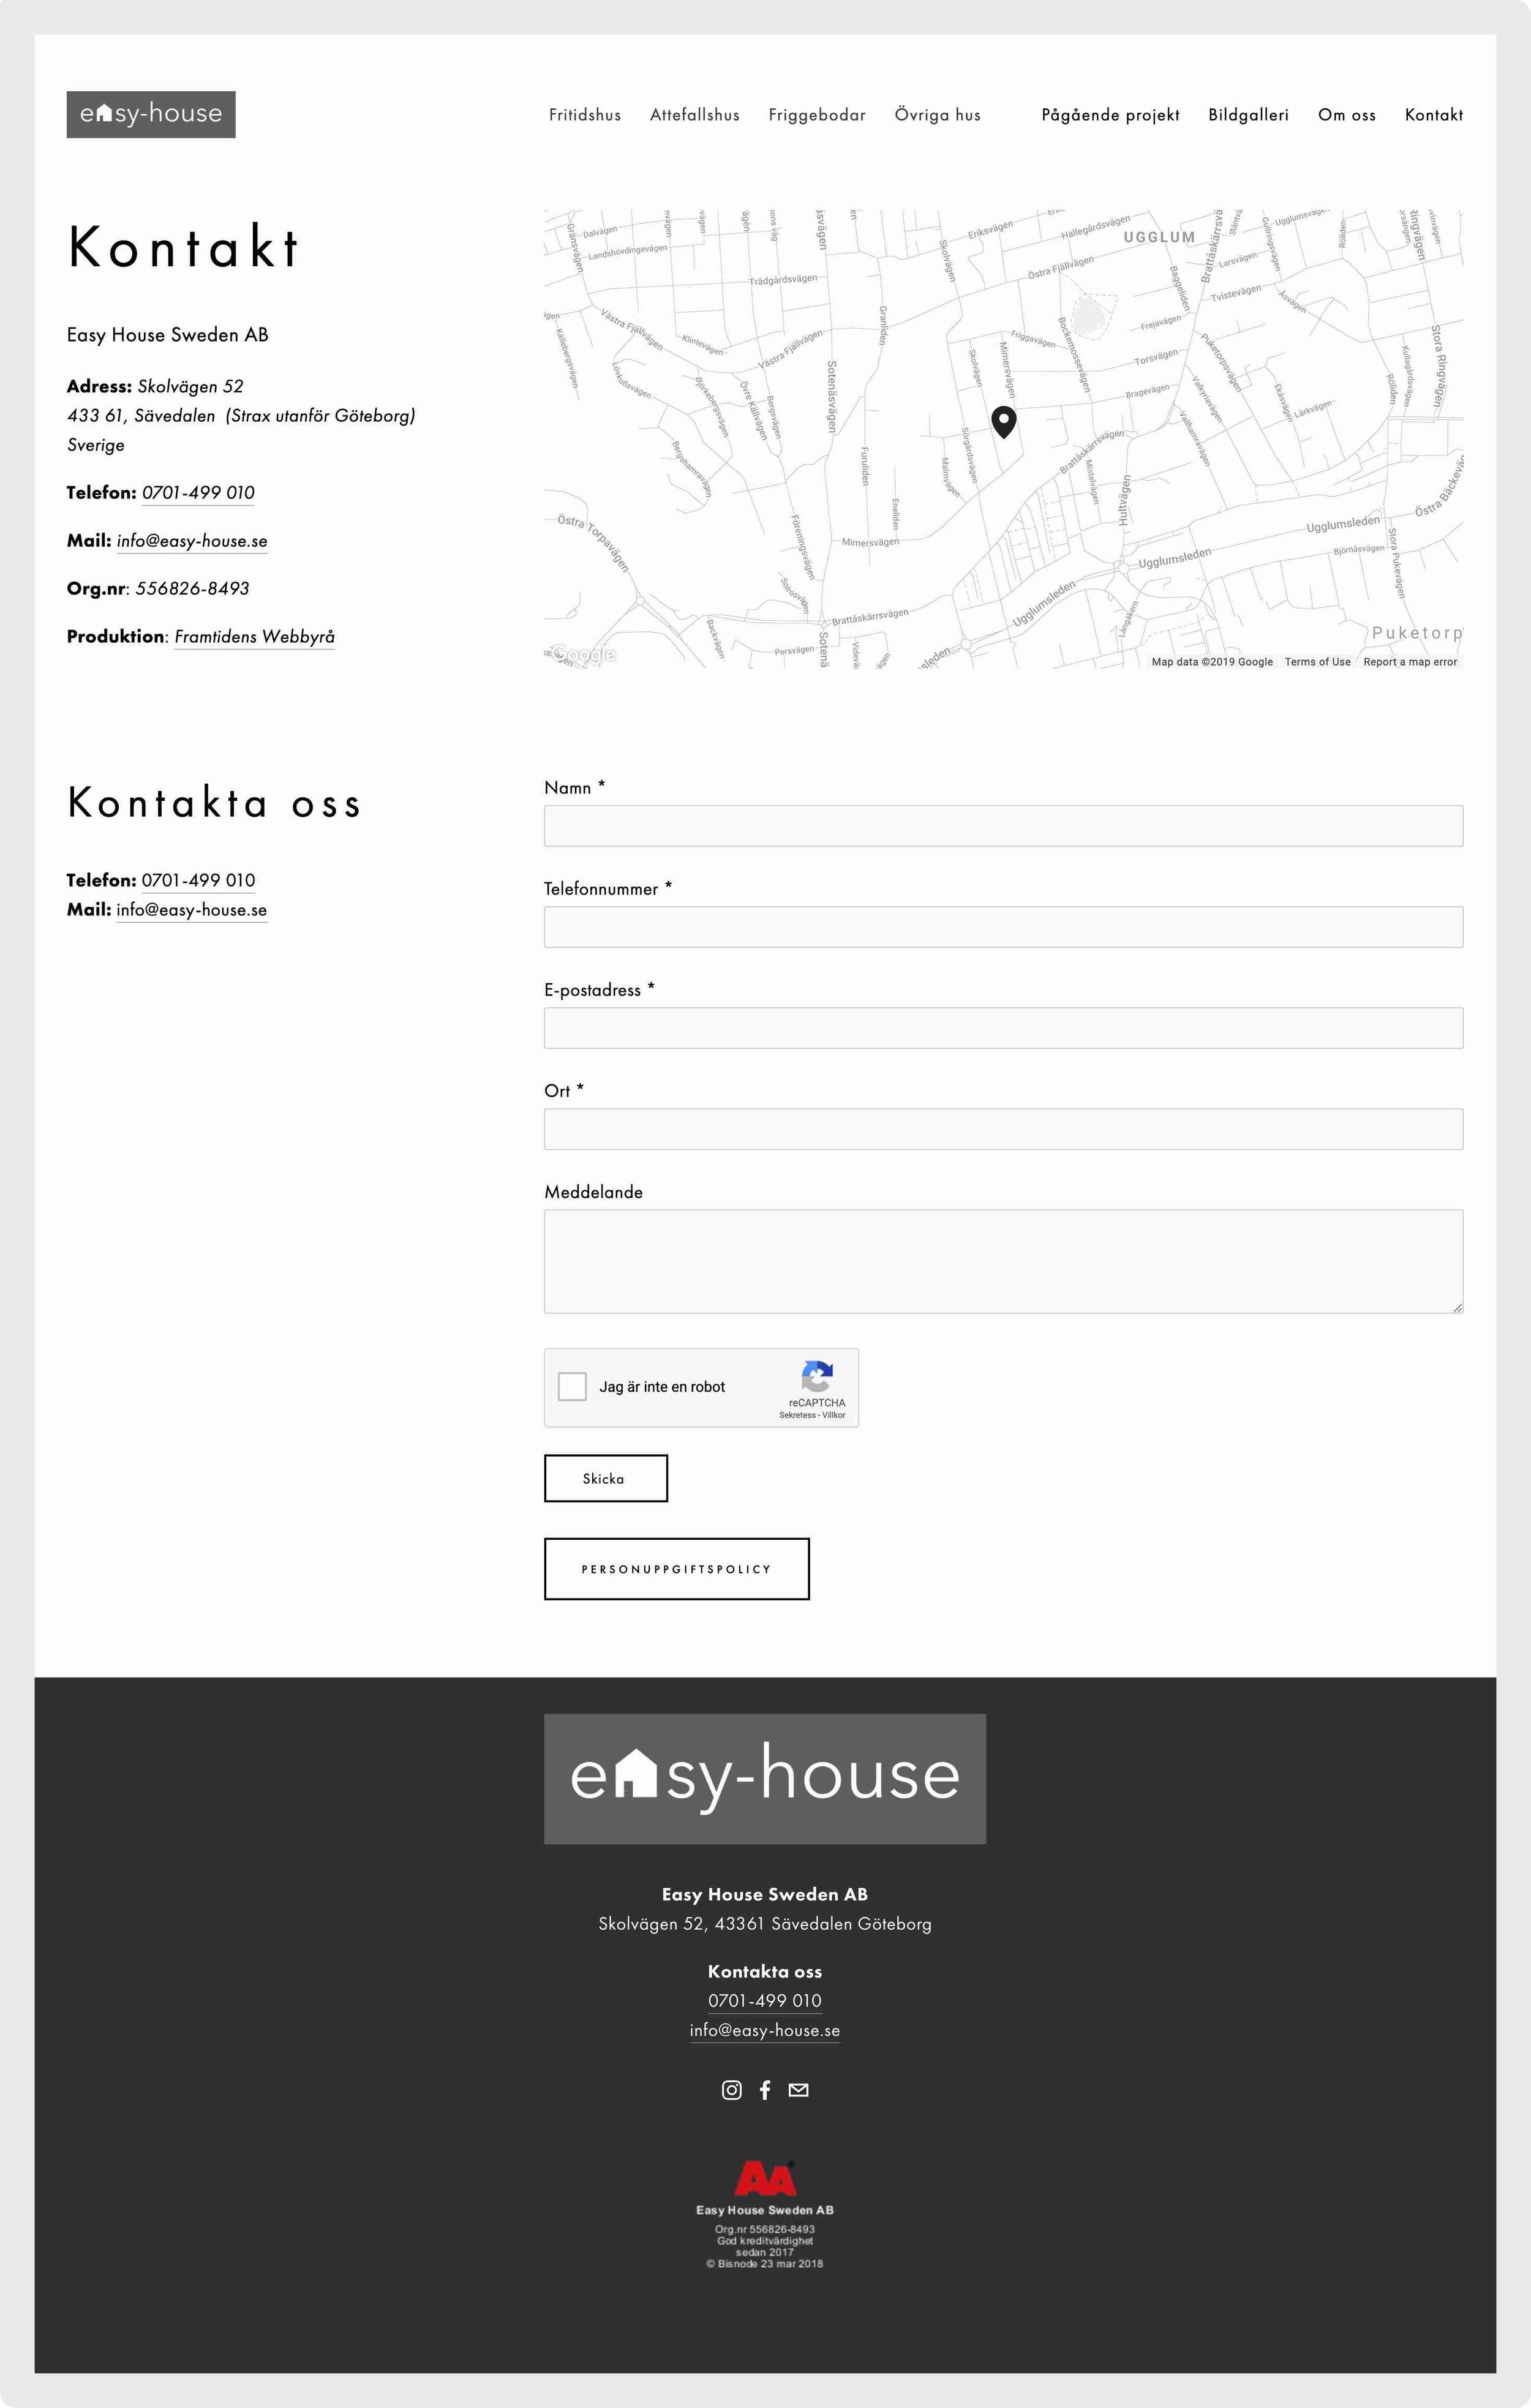 framtidens-webbyrå-uppdrag-easy-house-kontakt.jpg